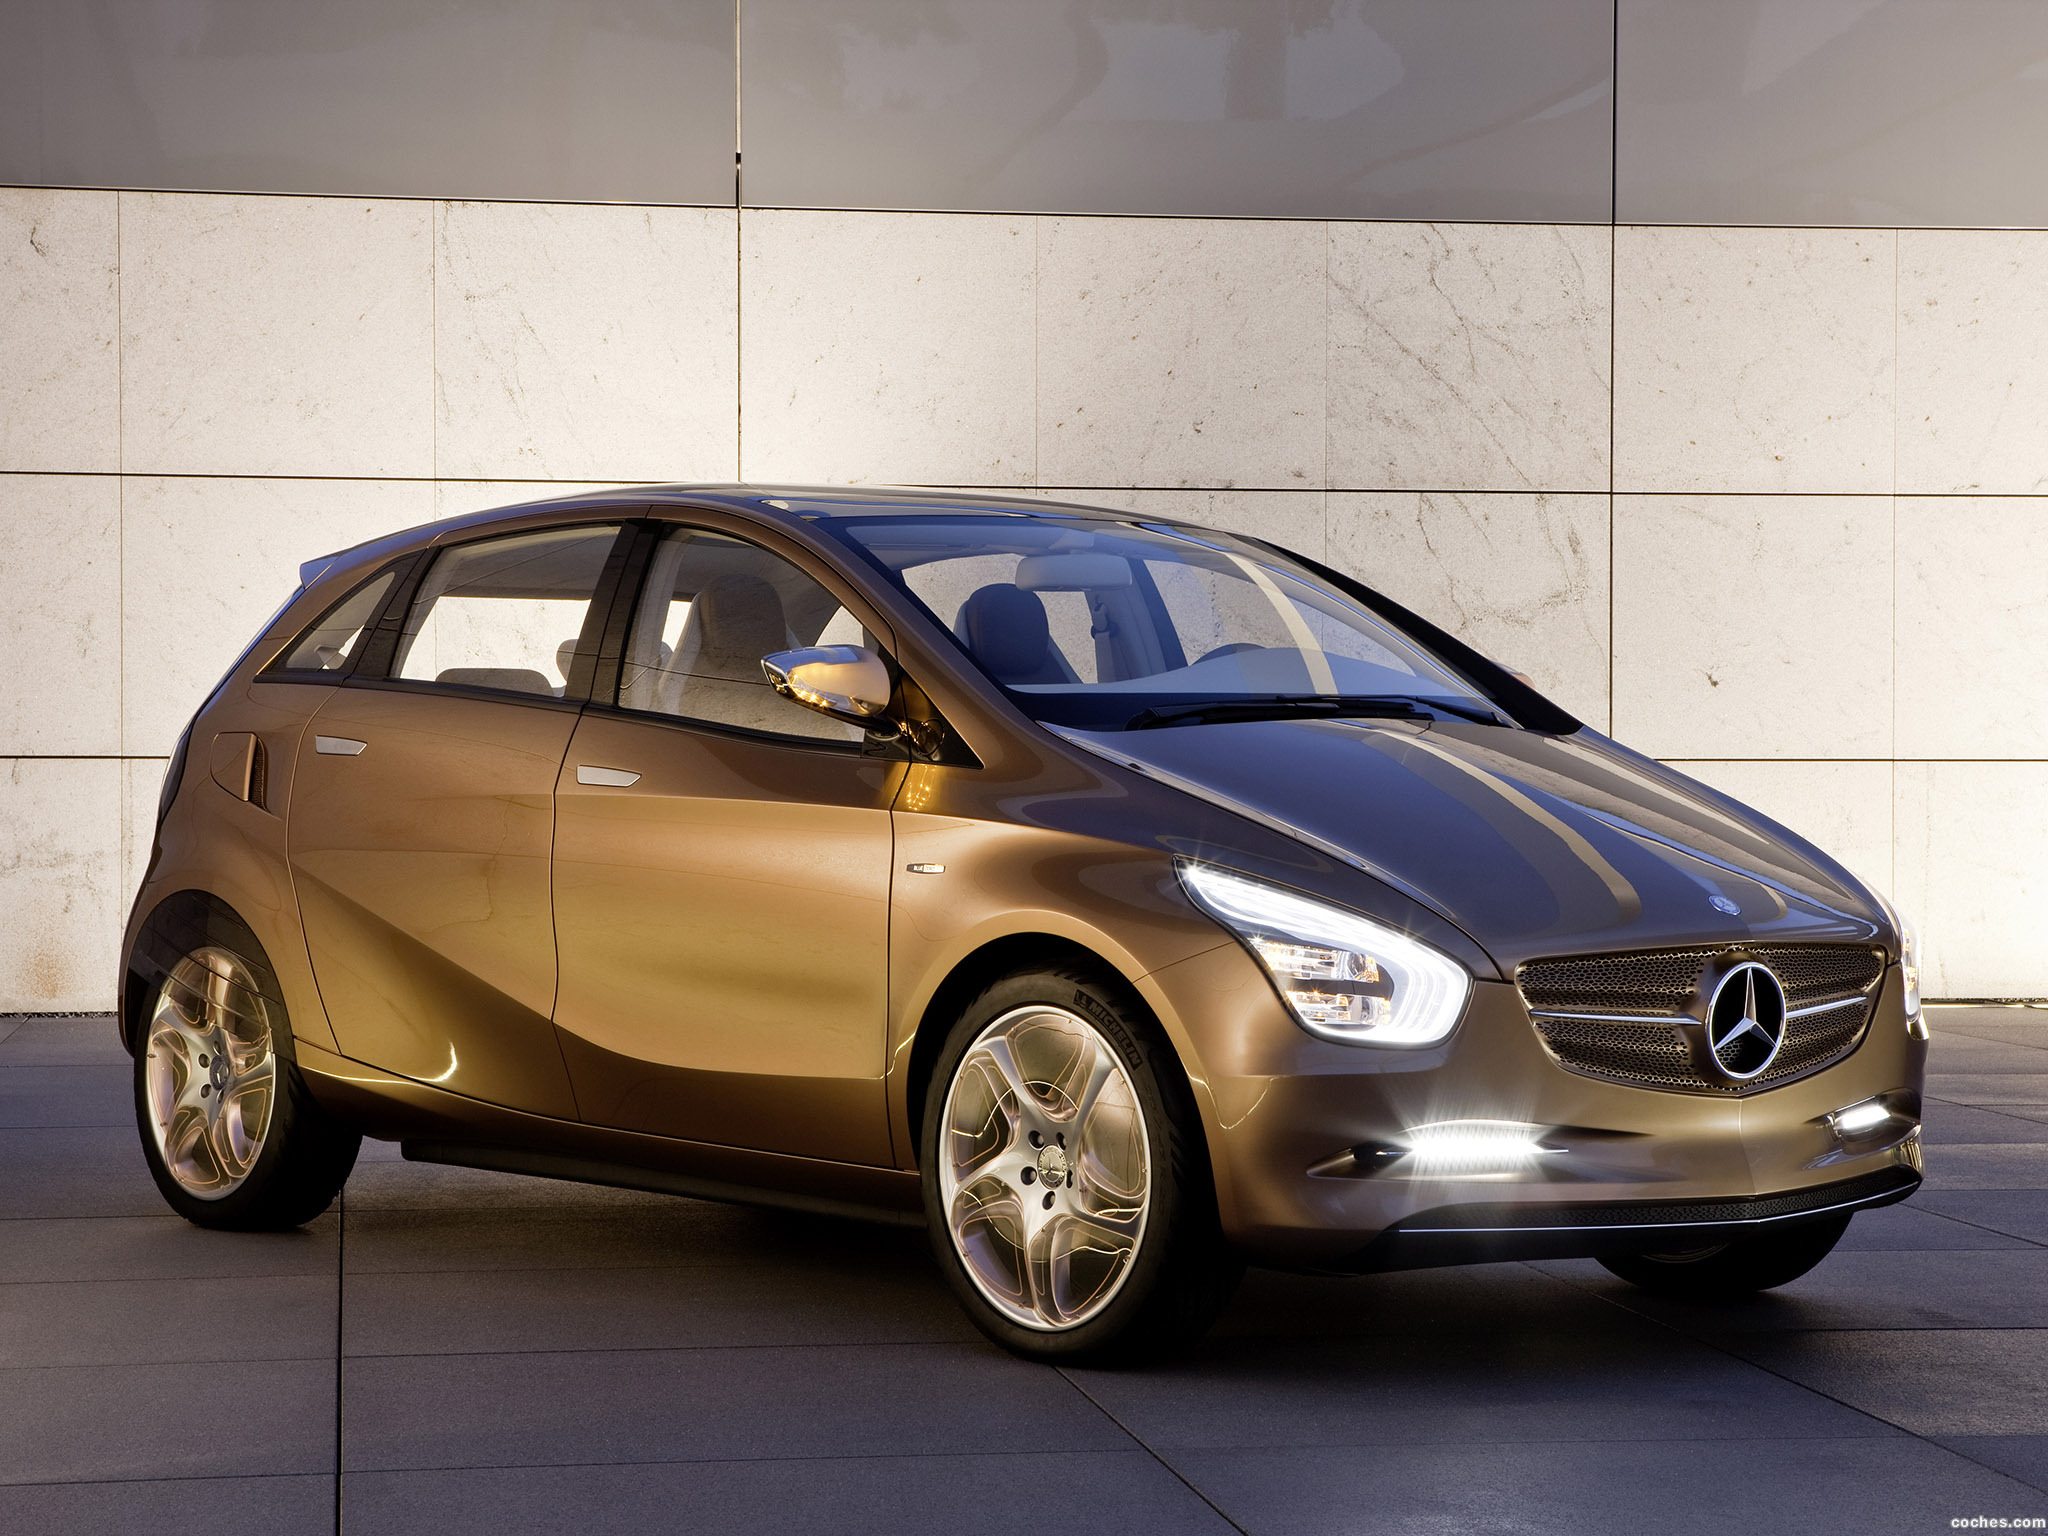 Foto 0 de Mercedes BlueZero E-Cell Plus Concept 2009